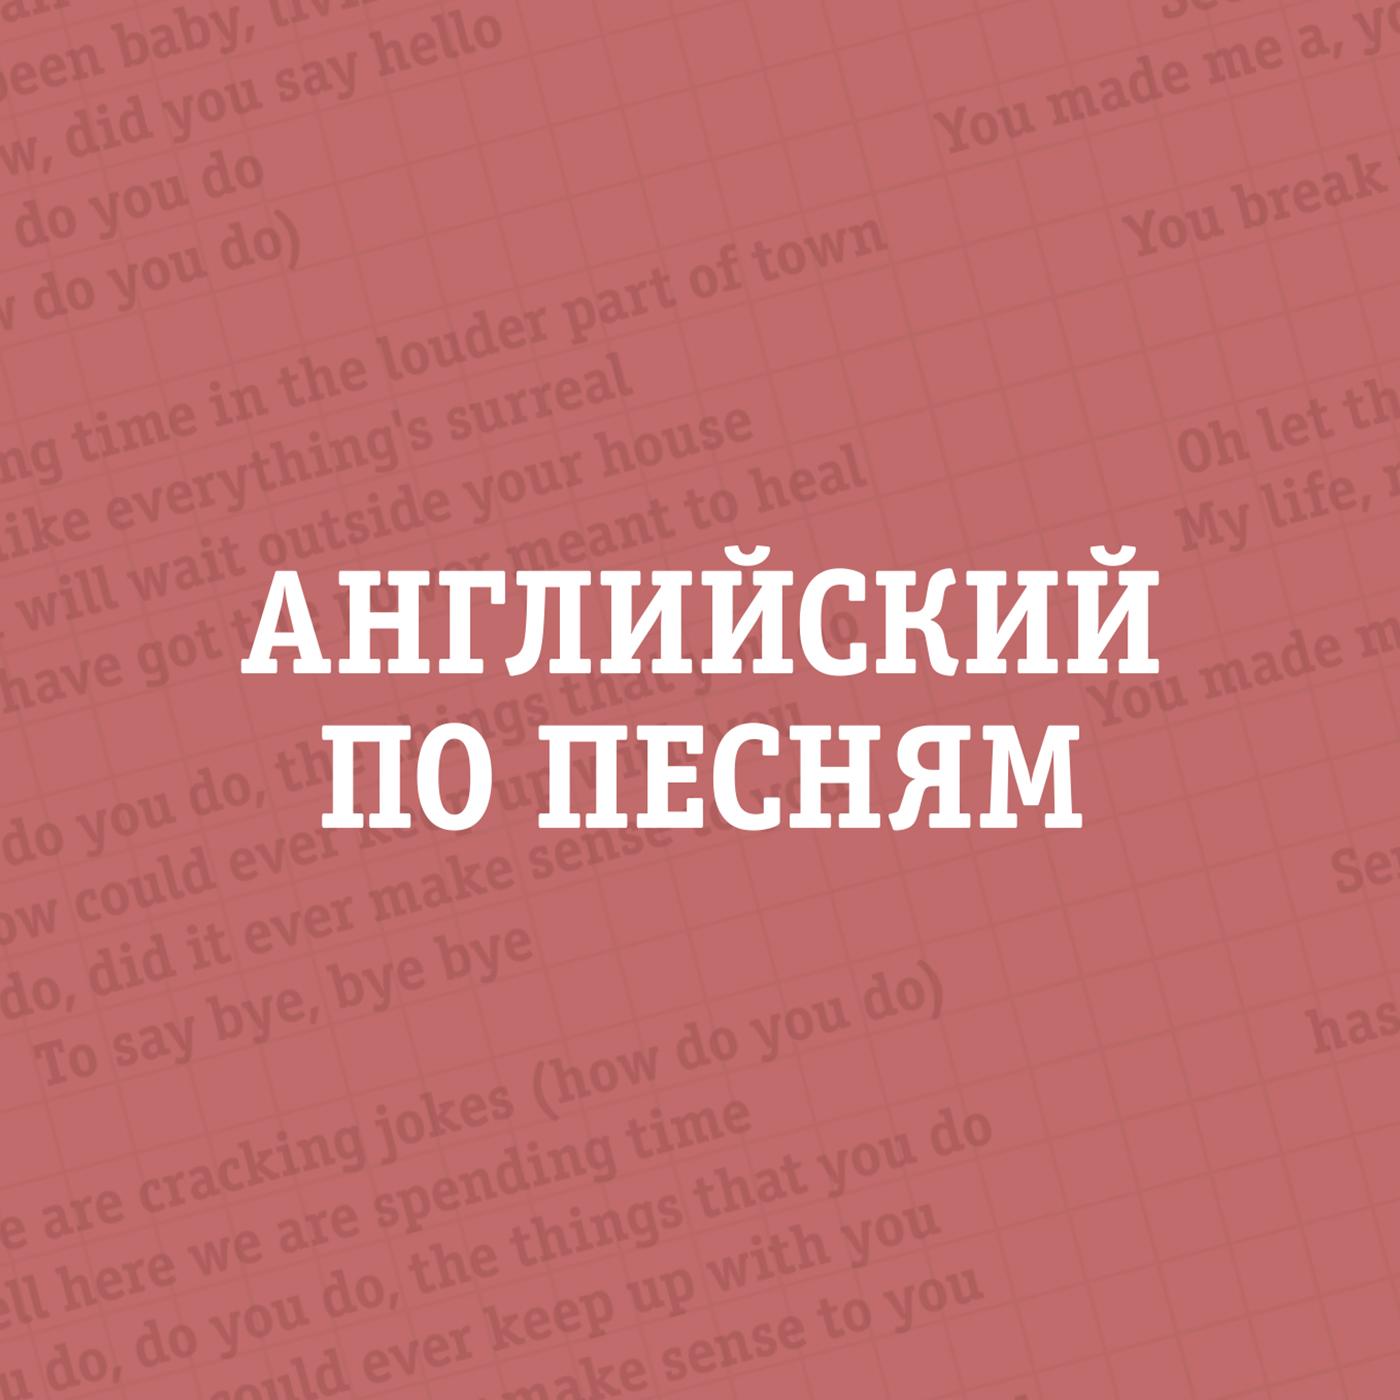 Английский по песням – Подпевайте осторожно: грамматические ошибки в песнях